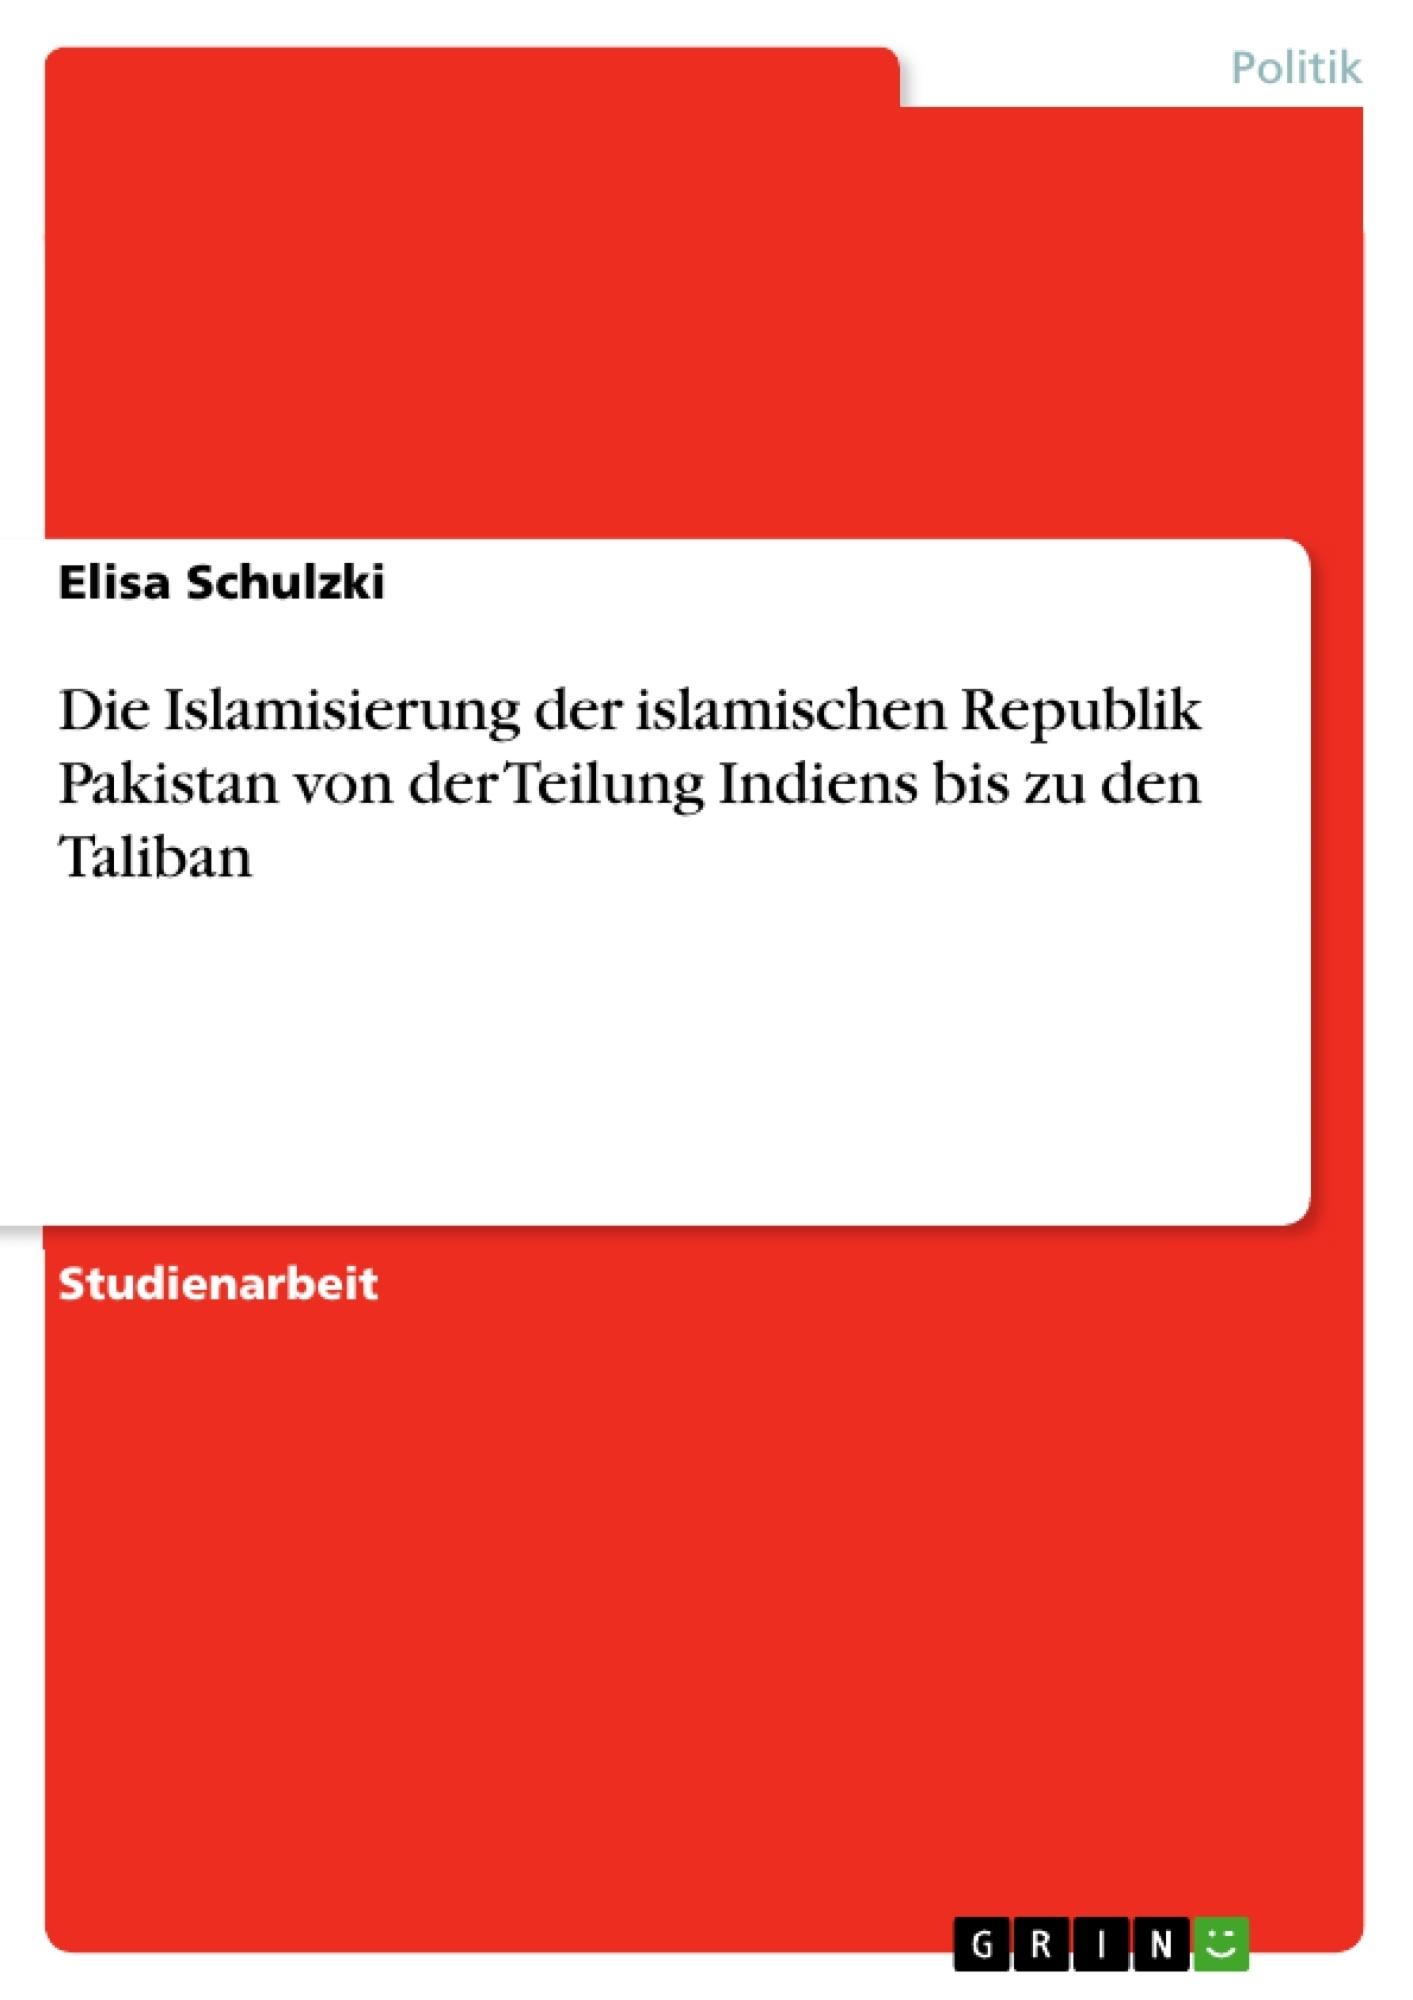 Titel: Die Islamisierung der islamischen Republik Pakistan von der Teilung Indiens bis zu den Taliban